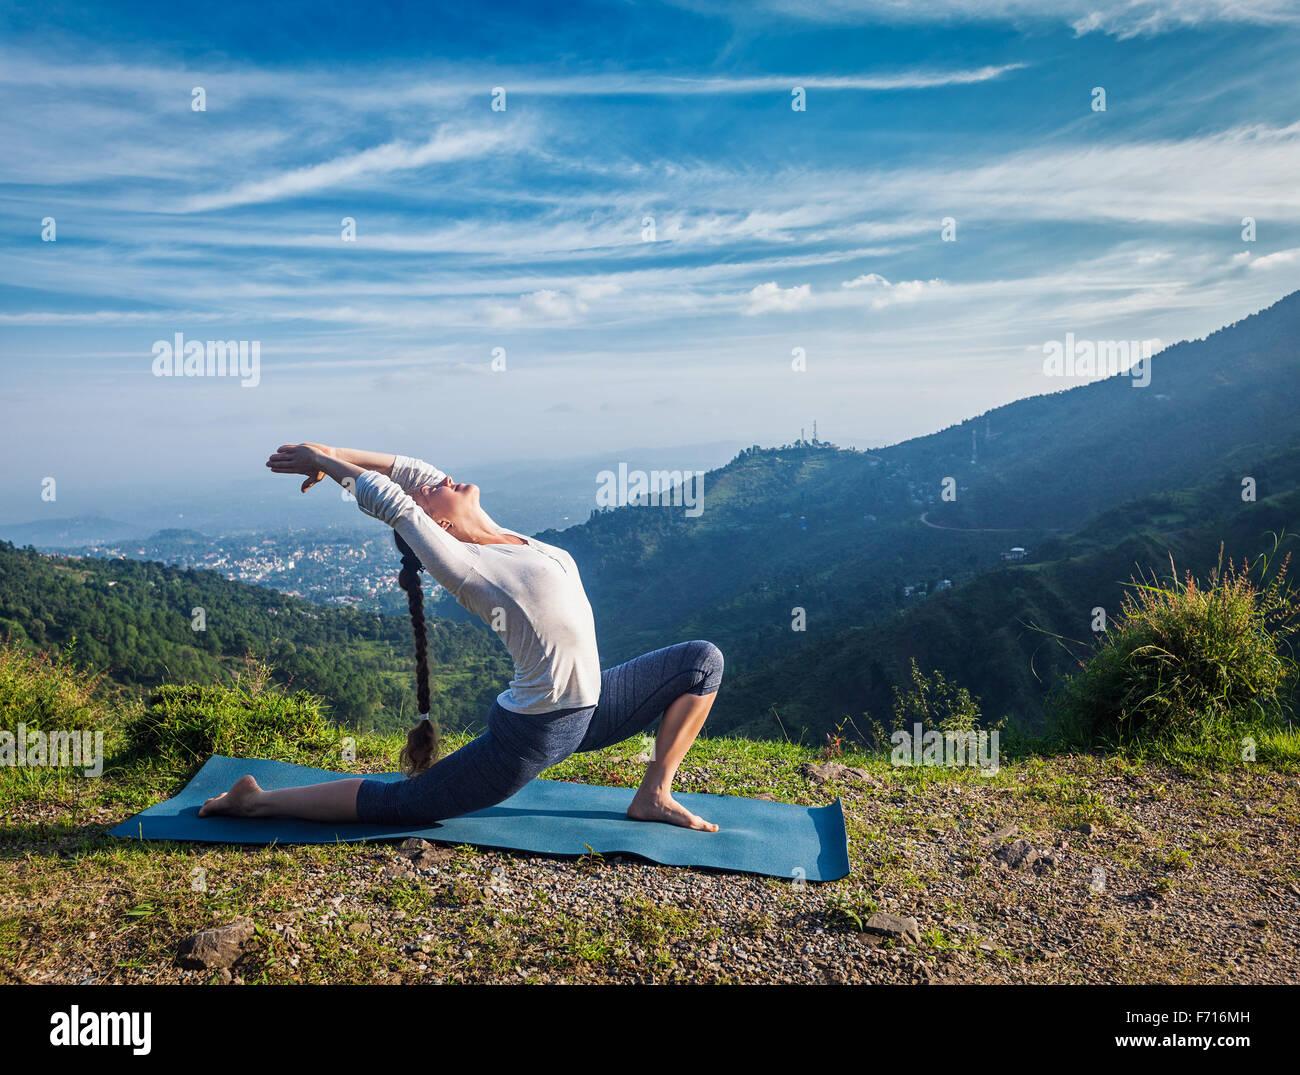 La donna le pratiche yoga asana Anjaneyasana all'aperto Immagini Stock